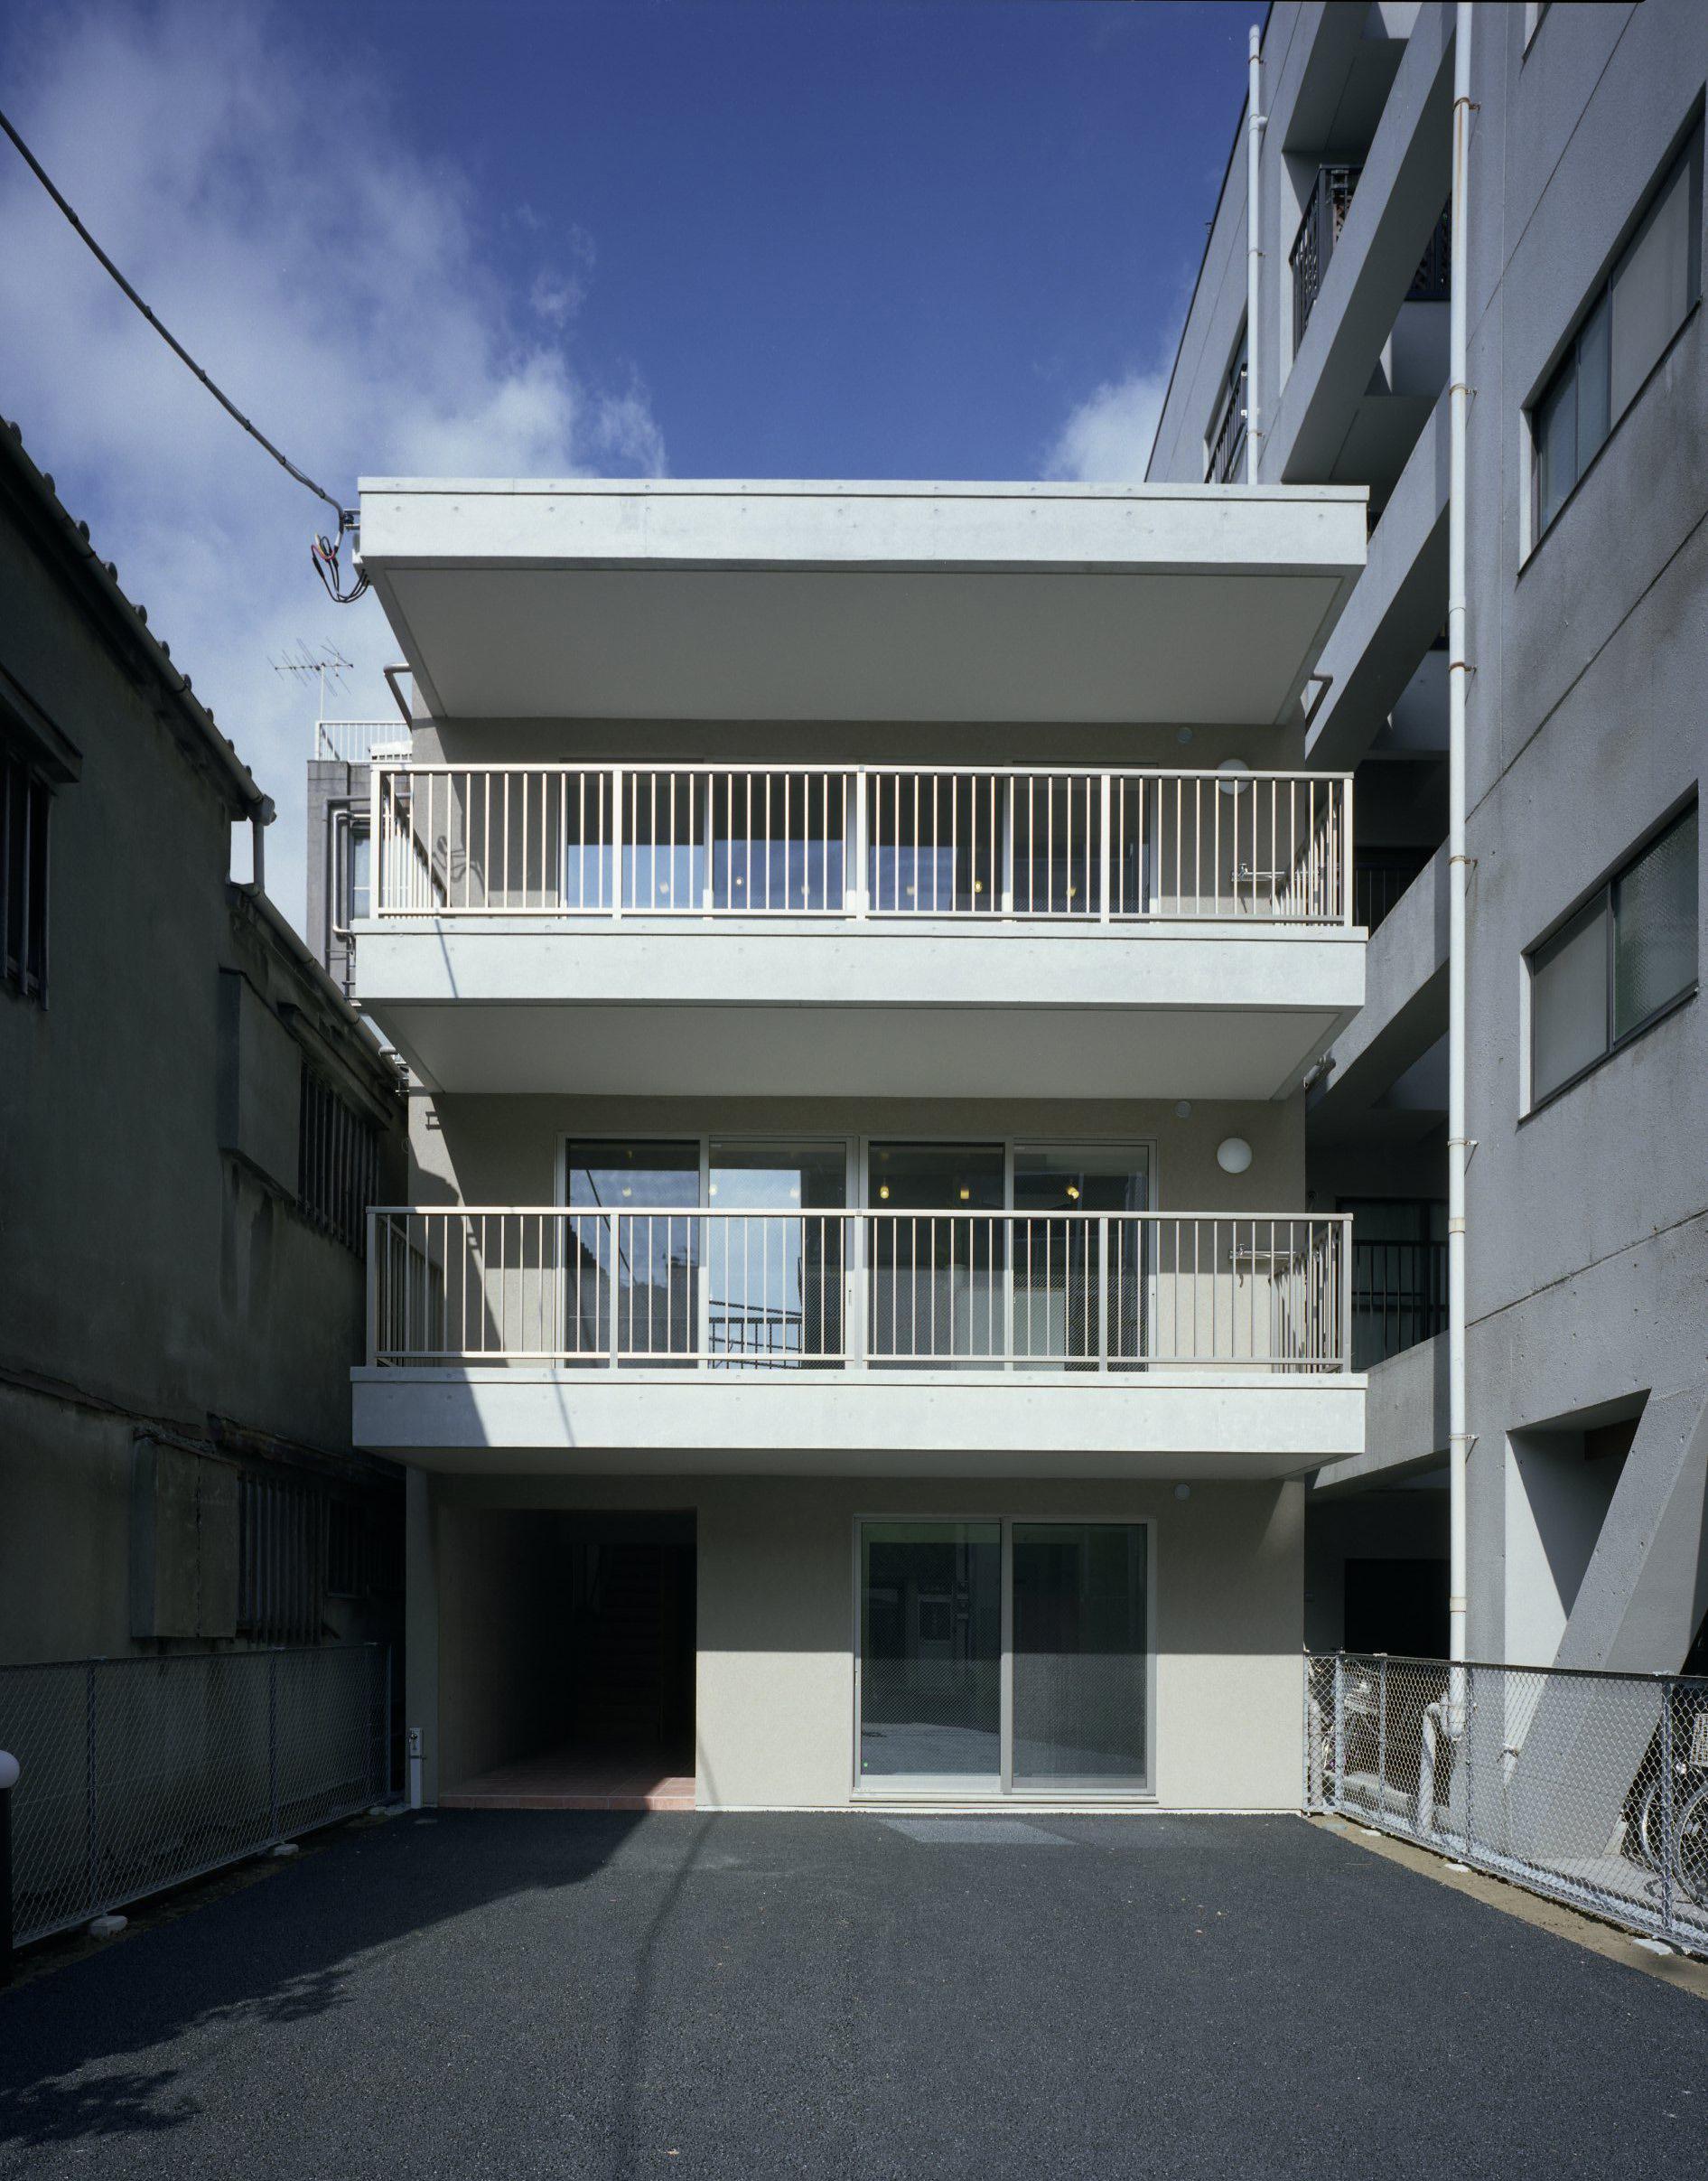 東京都台東区 T邸の写真 広いバルコニーと屋上のある白い外観